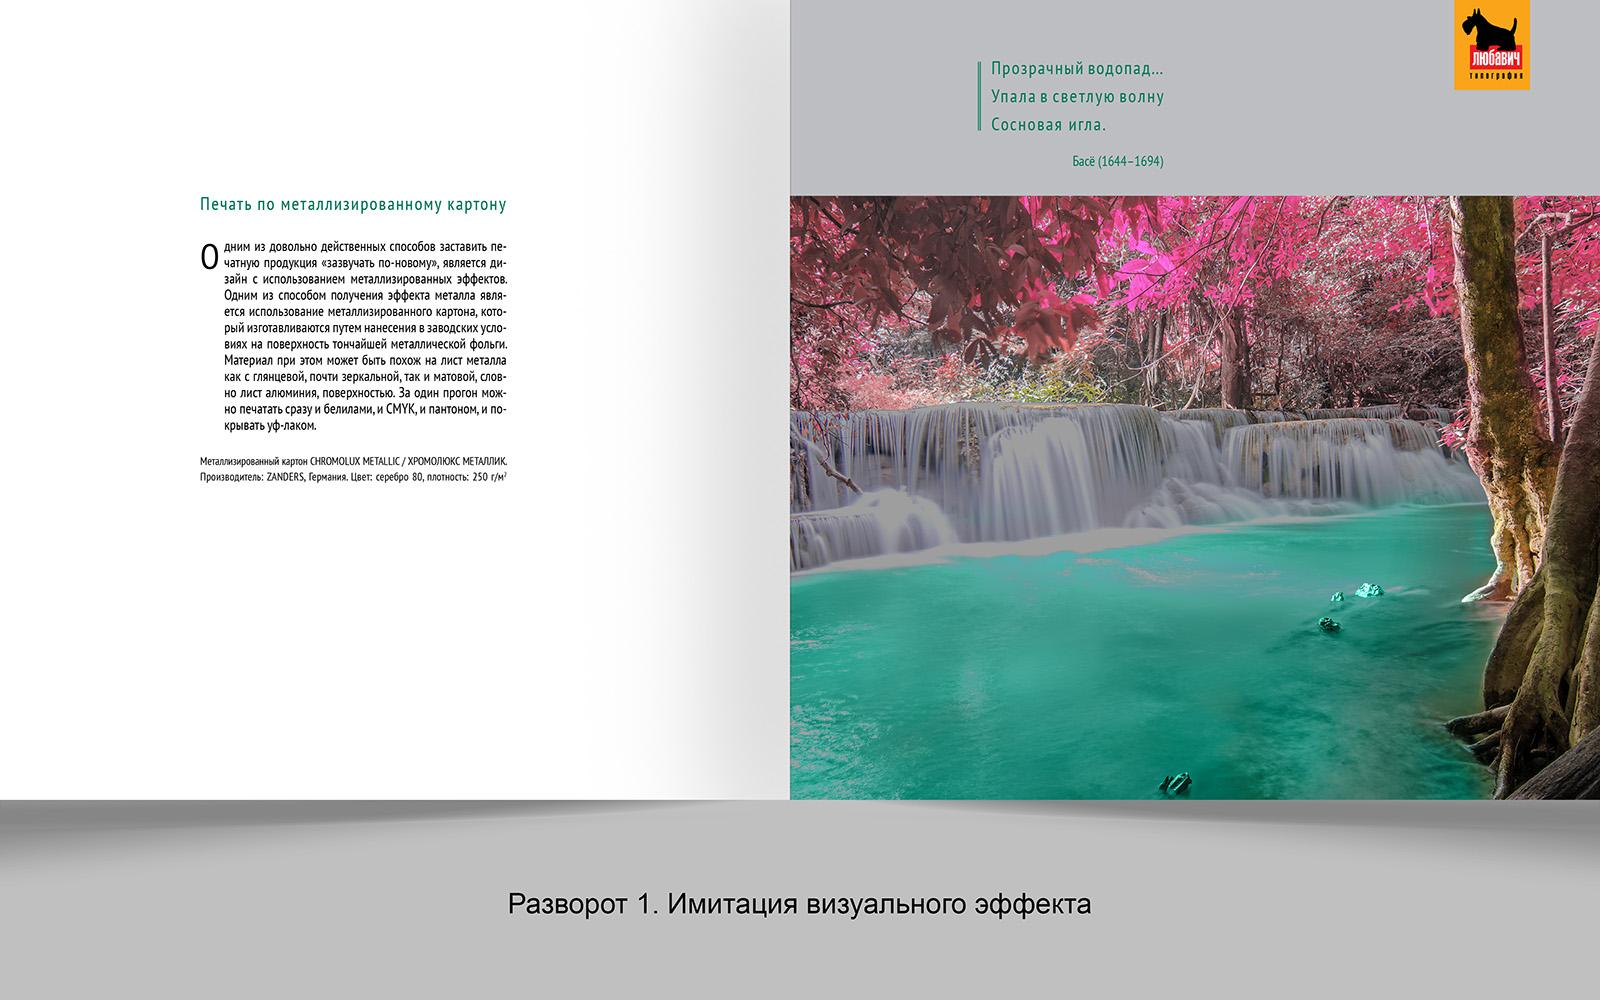 Дизайн рекламной брошюры возможностей типографии фото f_3565648d4894e56b.jpg